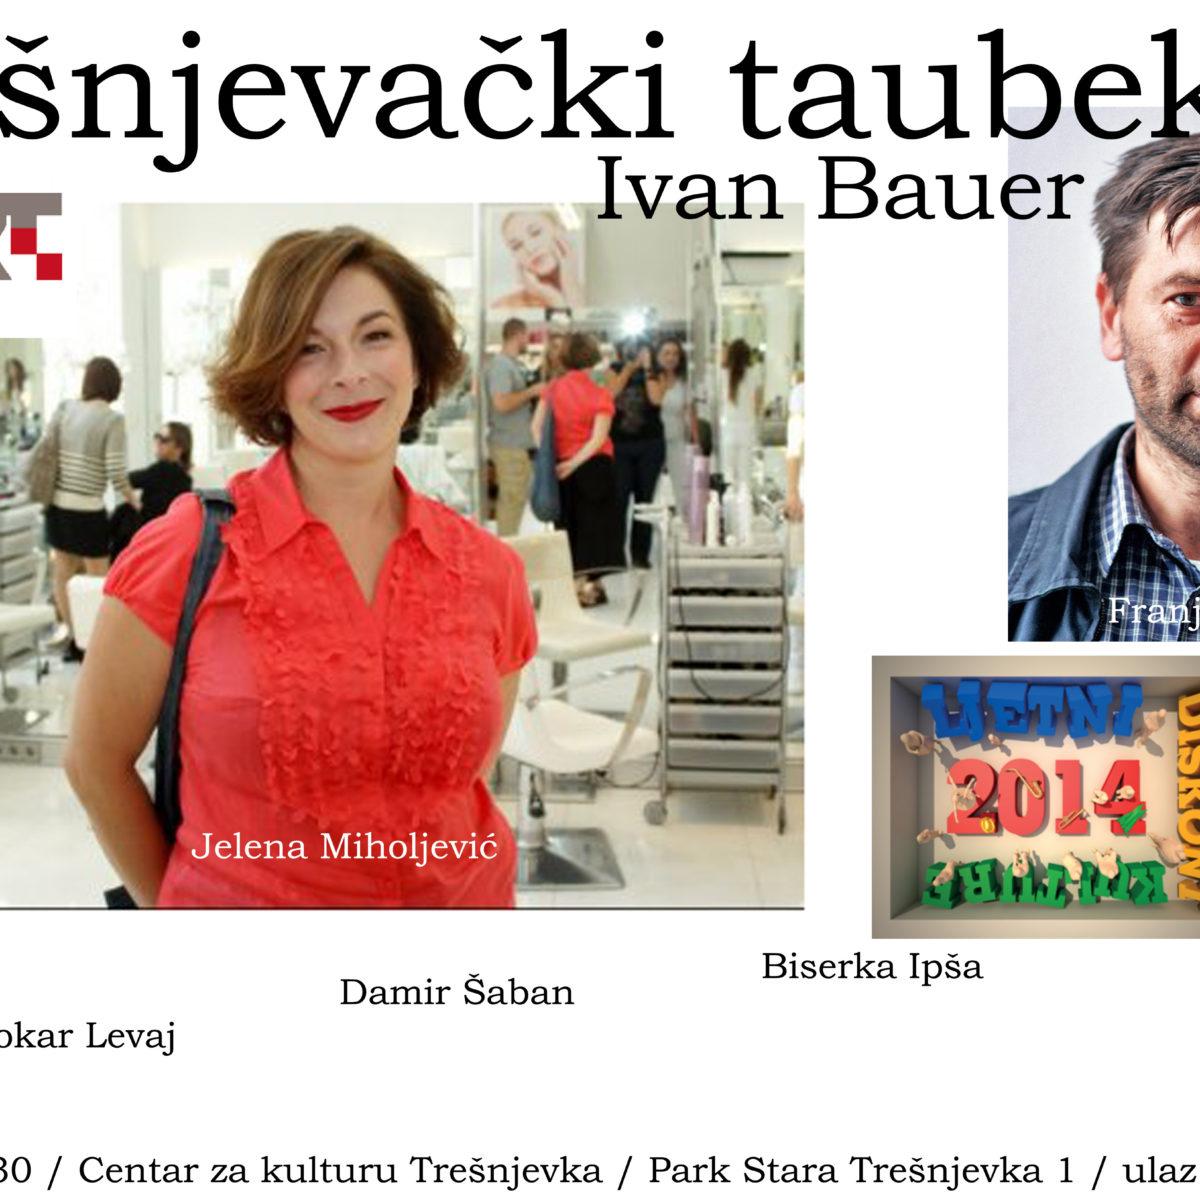 """Ivan Bauer: """"Trešnjevački taubek"""" / 17. 7. / 20.30 / ulaz slobodan"""